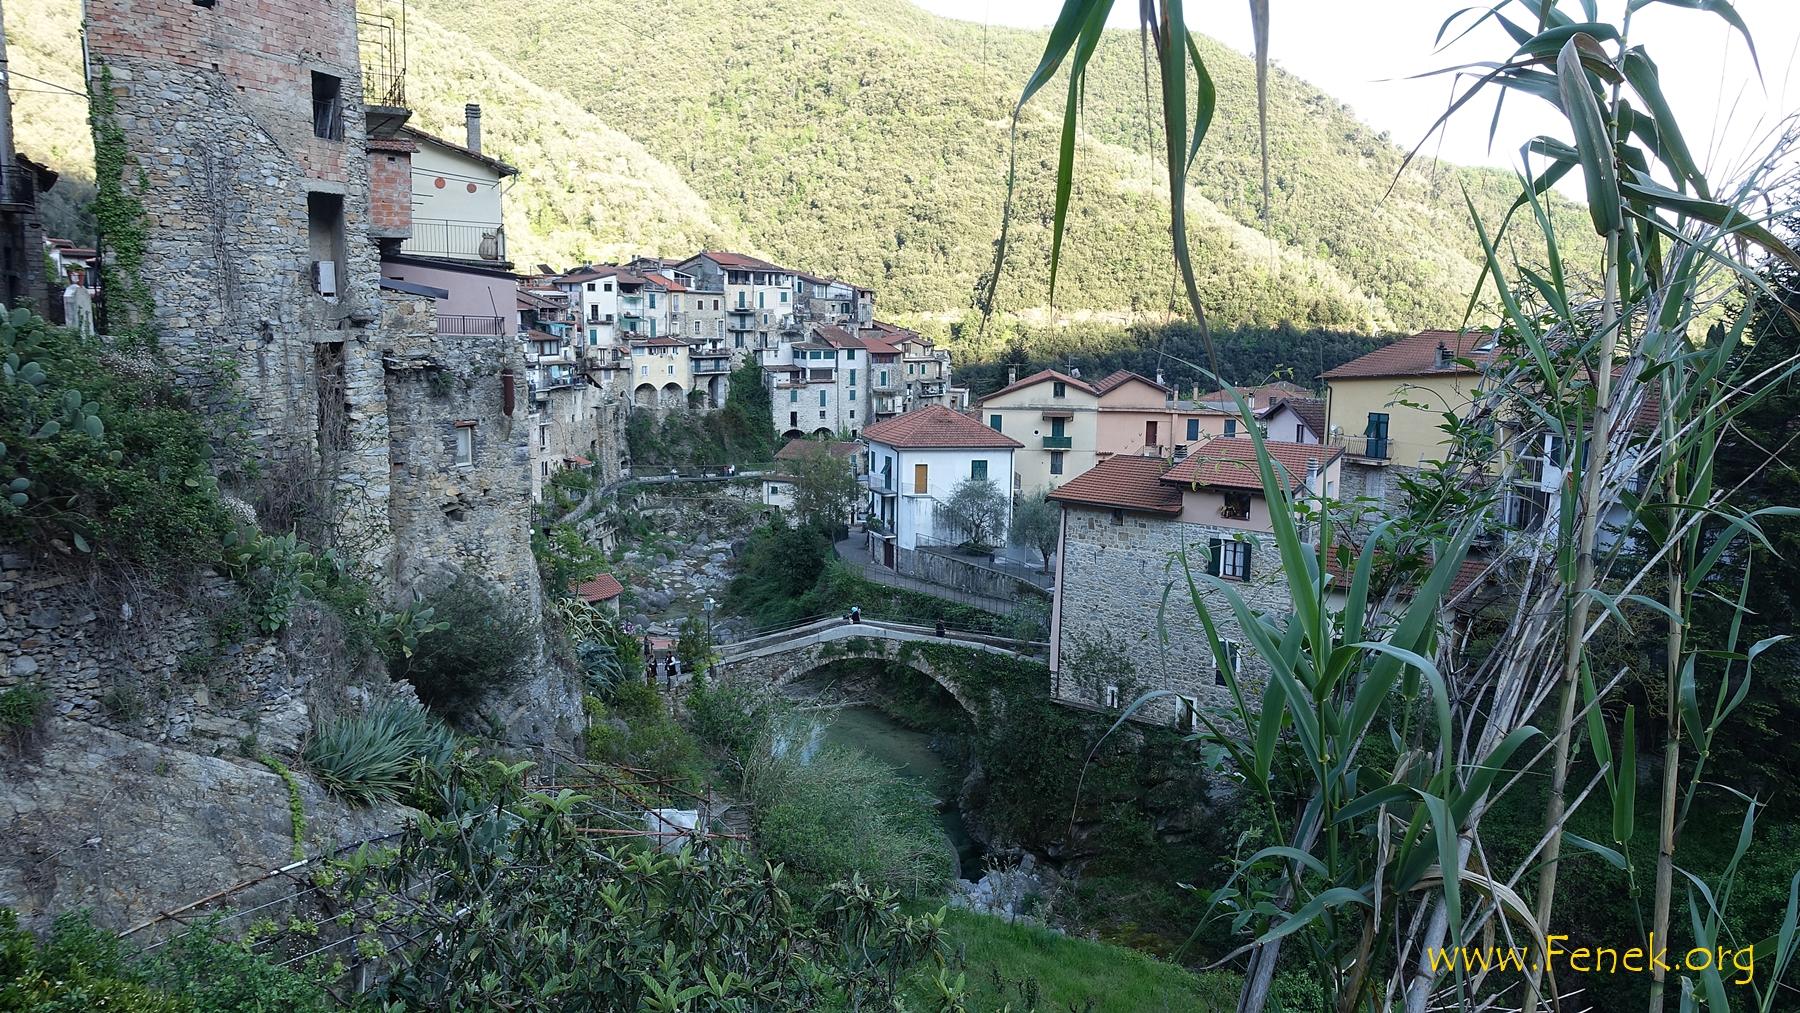 zurück in Rocchetta Nervina